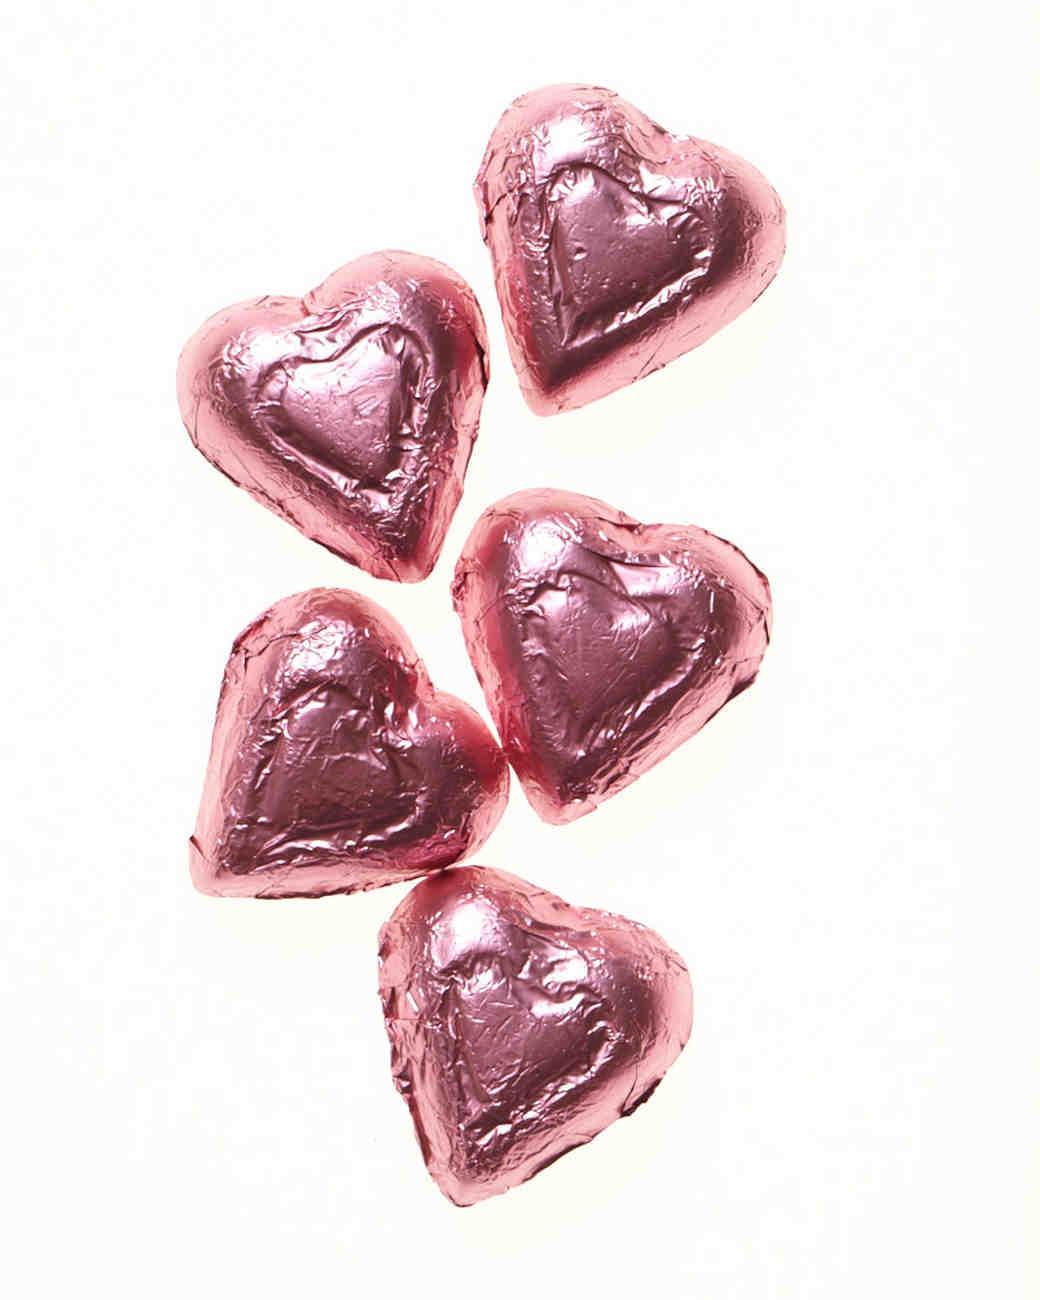 candy-dylan-sum11d107396-006.jpg